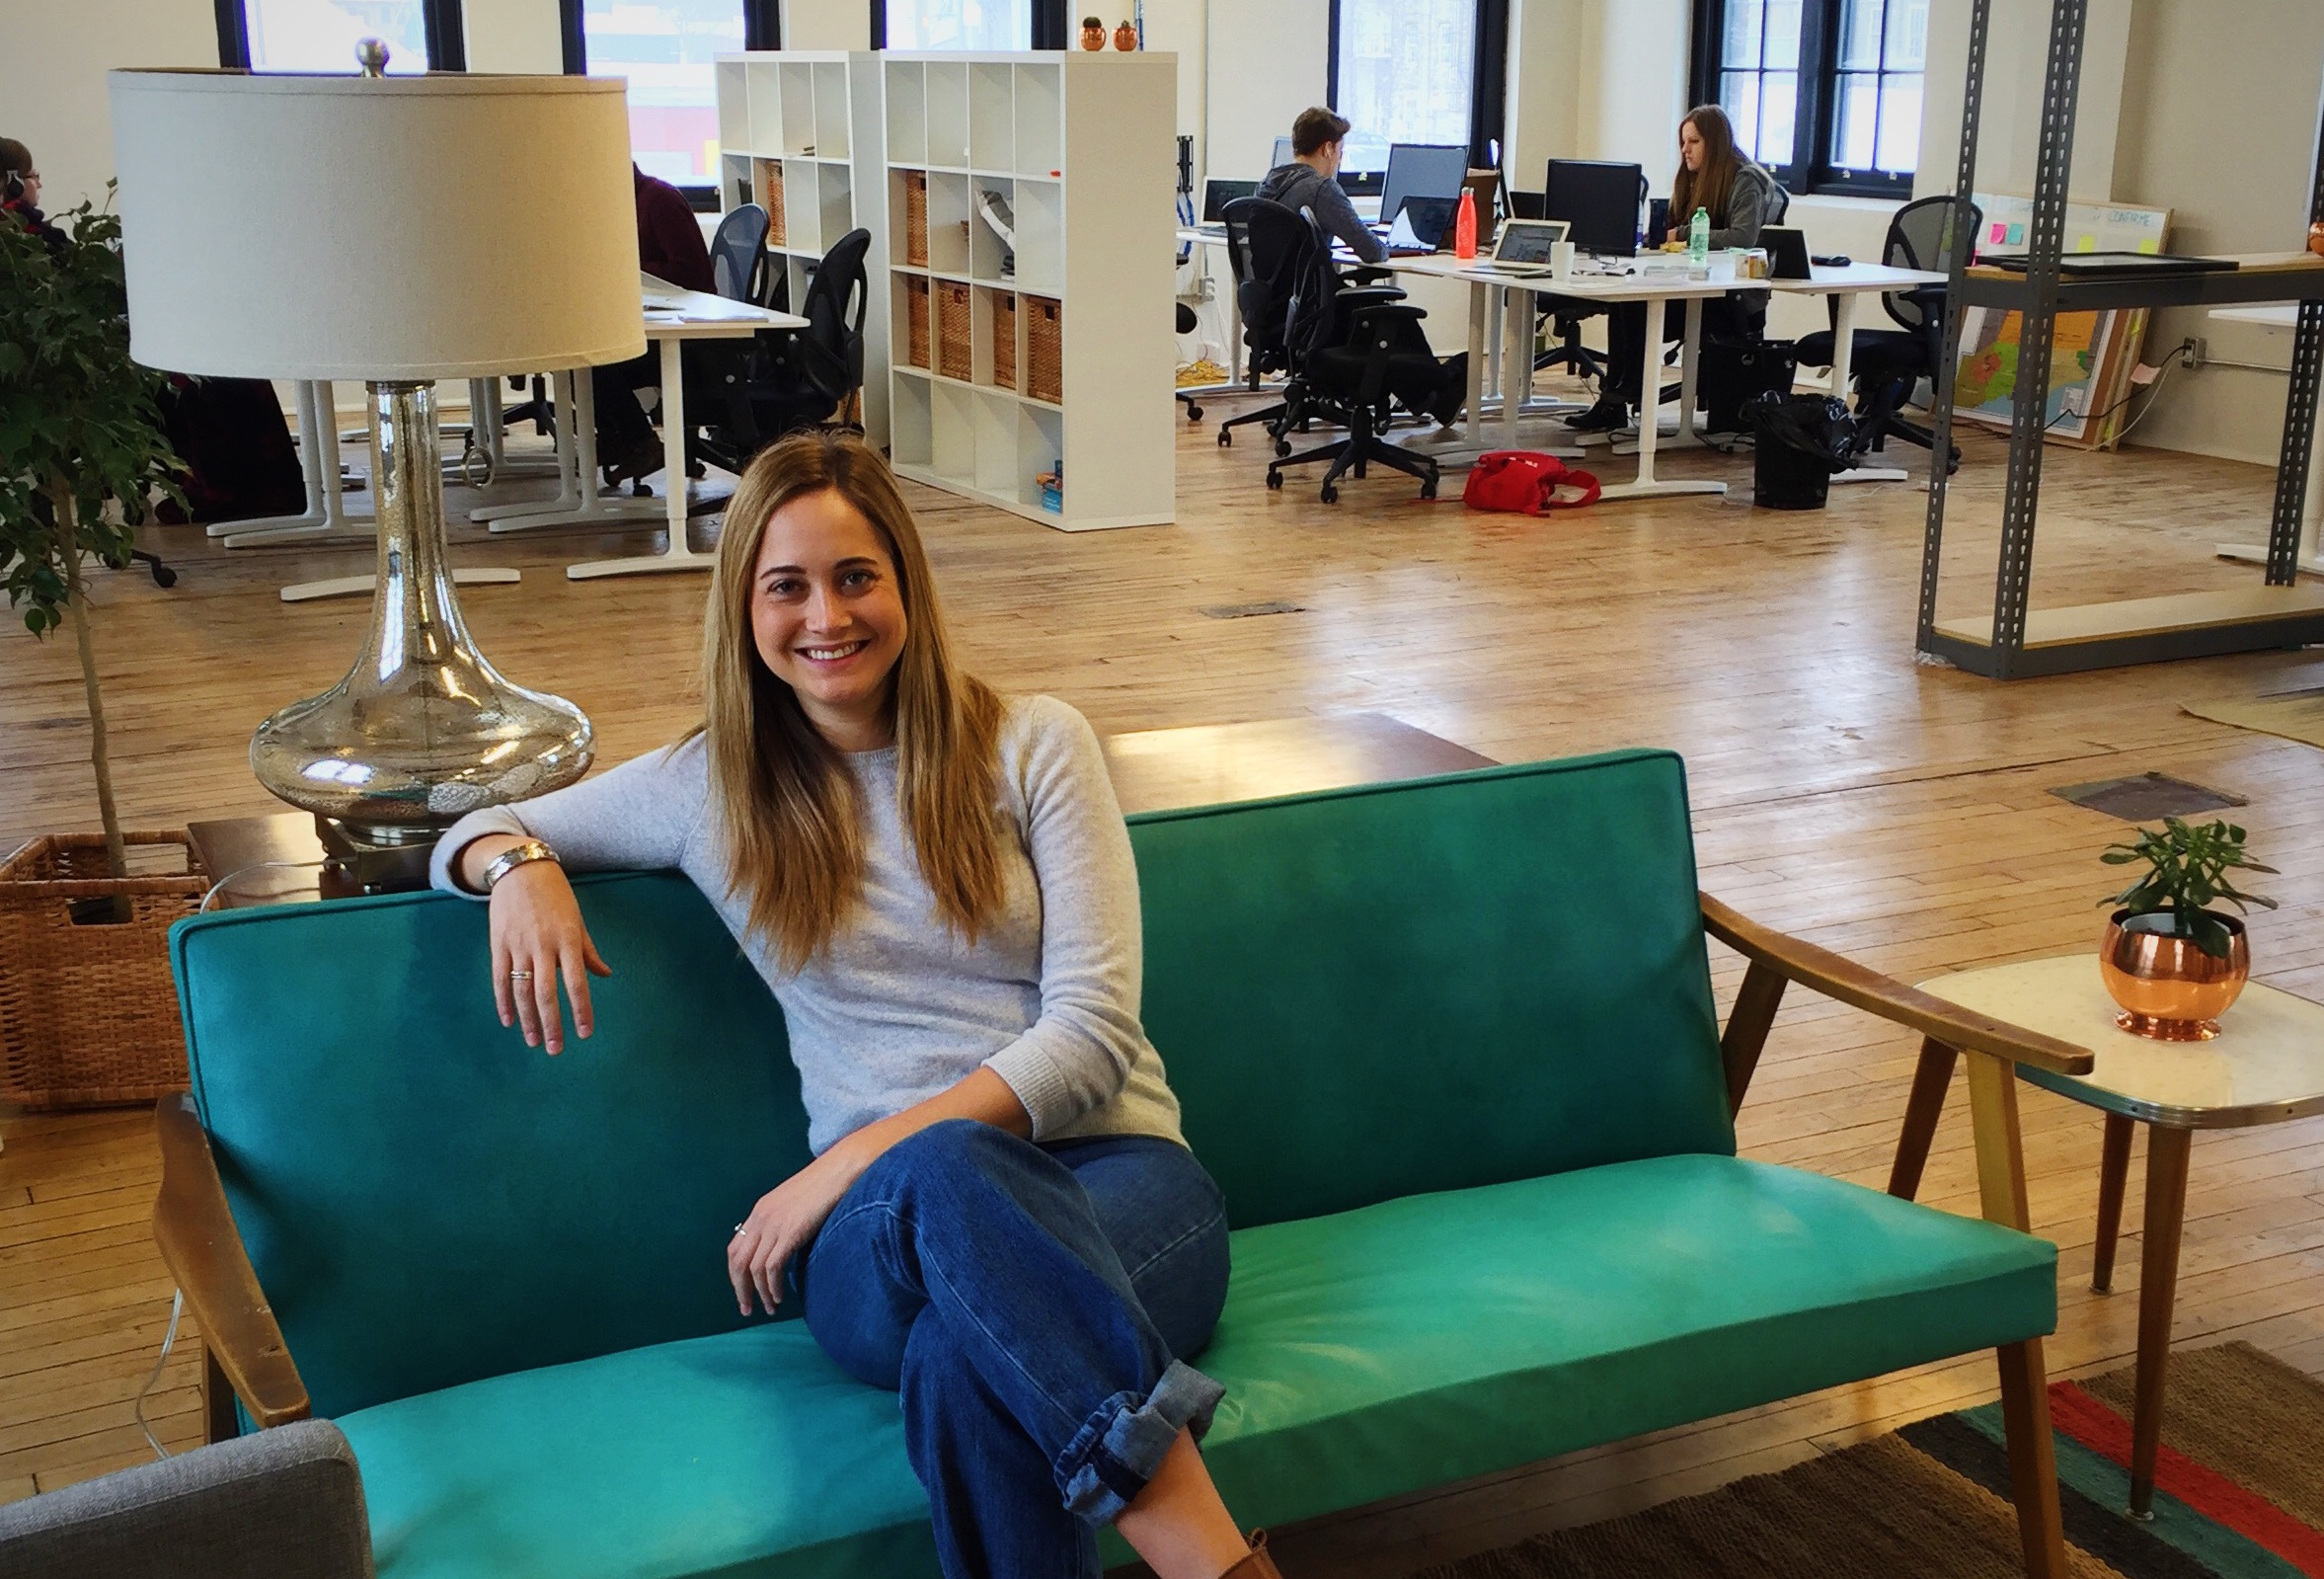 Laura Brodie enjoying Bridgit's new office